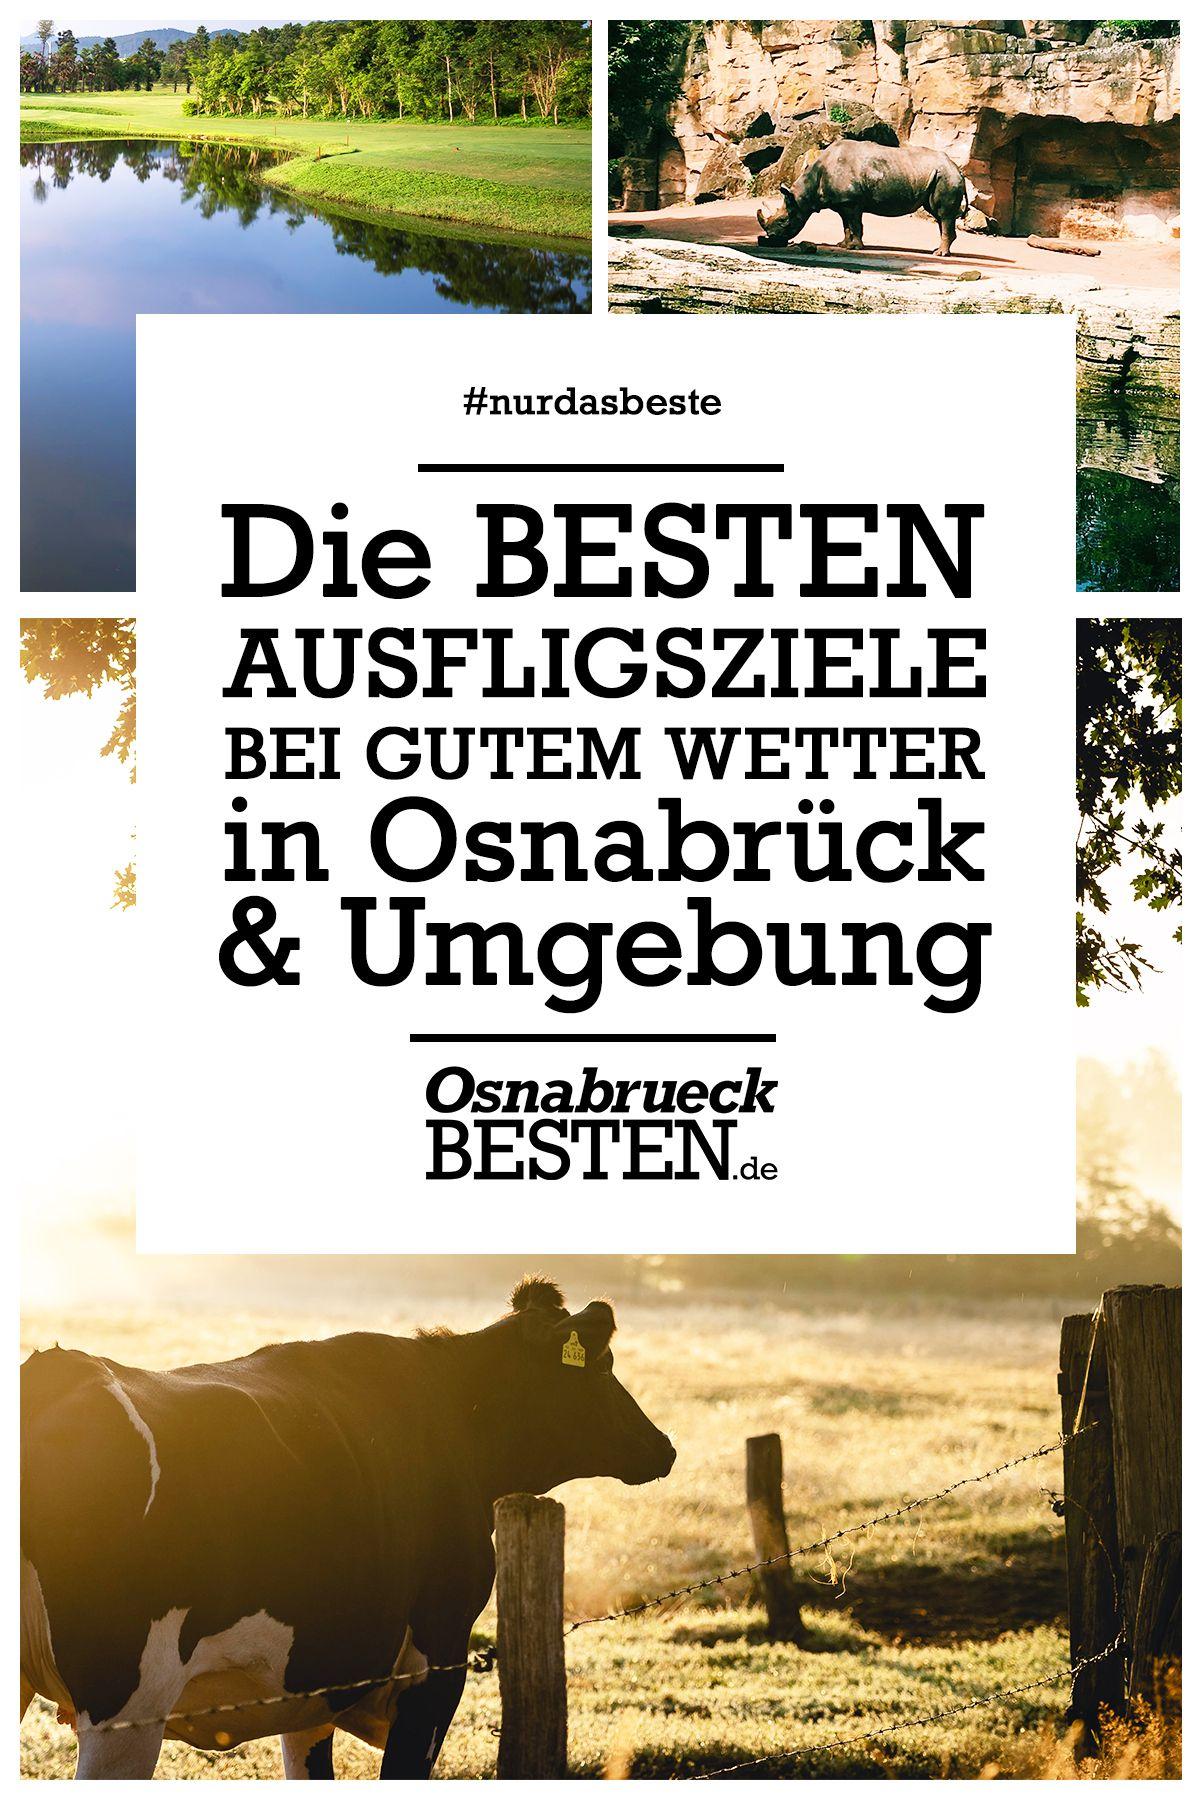 Die Besten Ausflugsziele Bei Gutem Wetter In Osnabruck Und Der Umgebung Ausflug Osnabruck Ausflugsziele